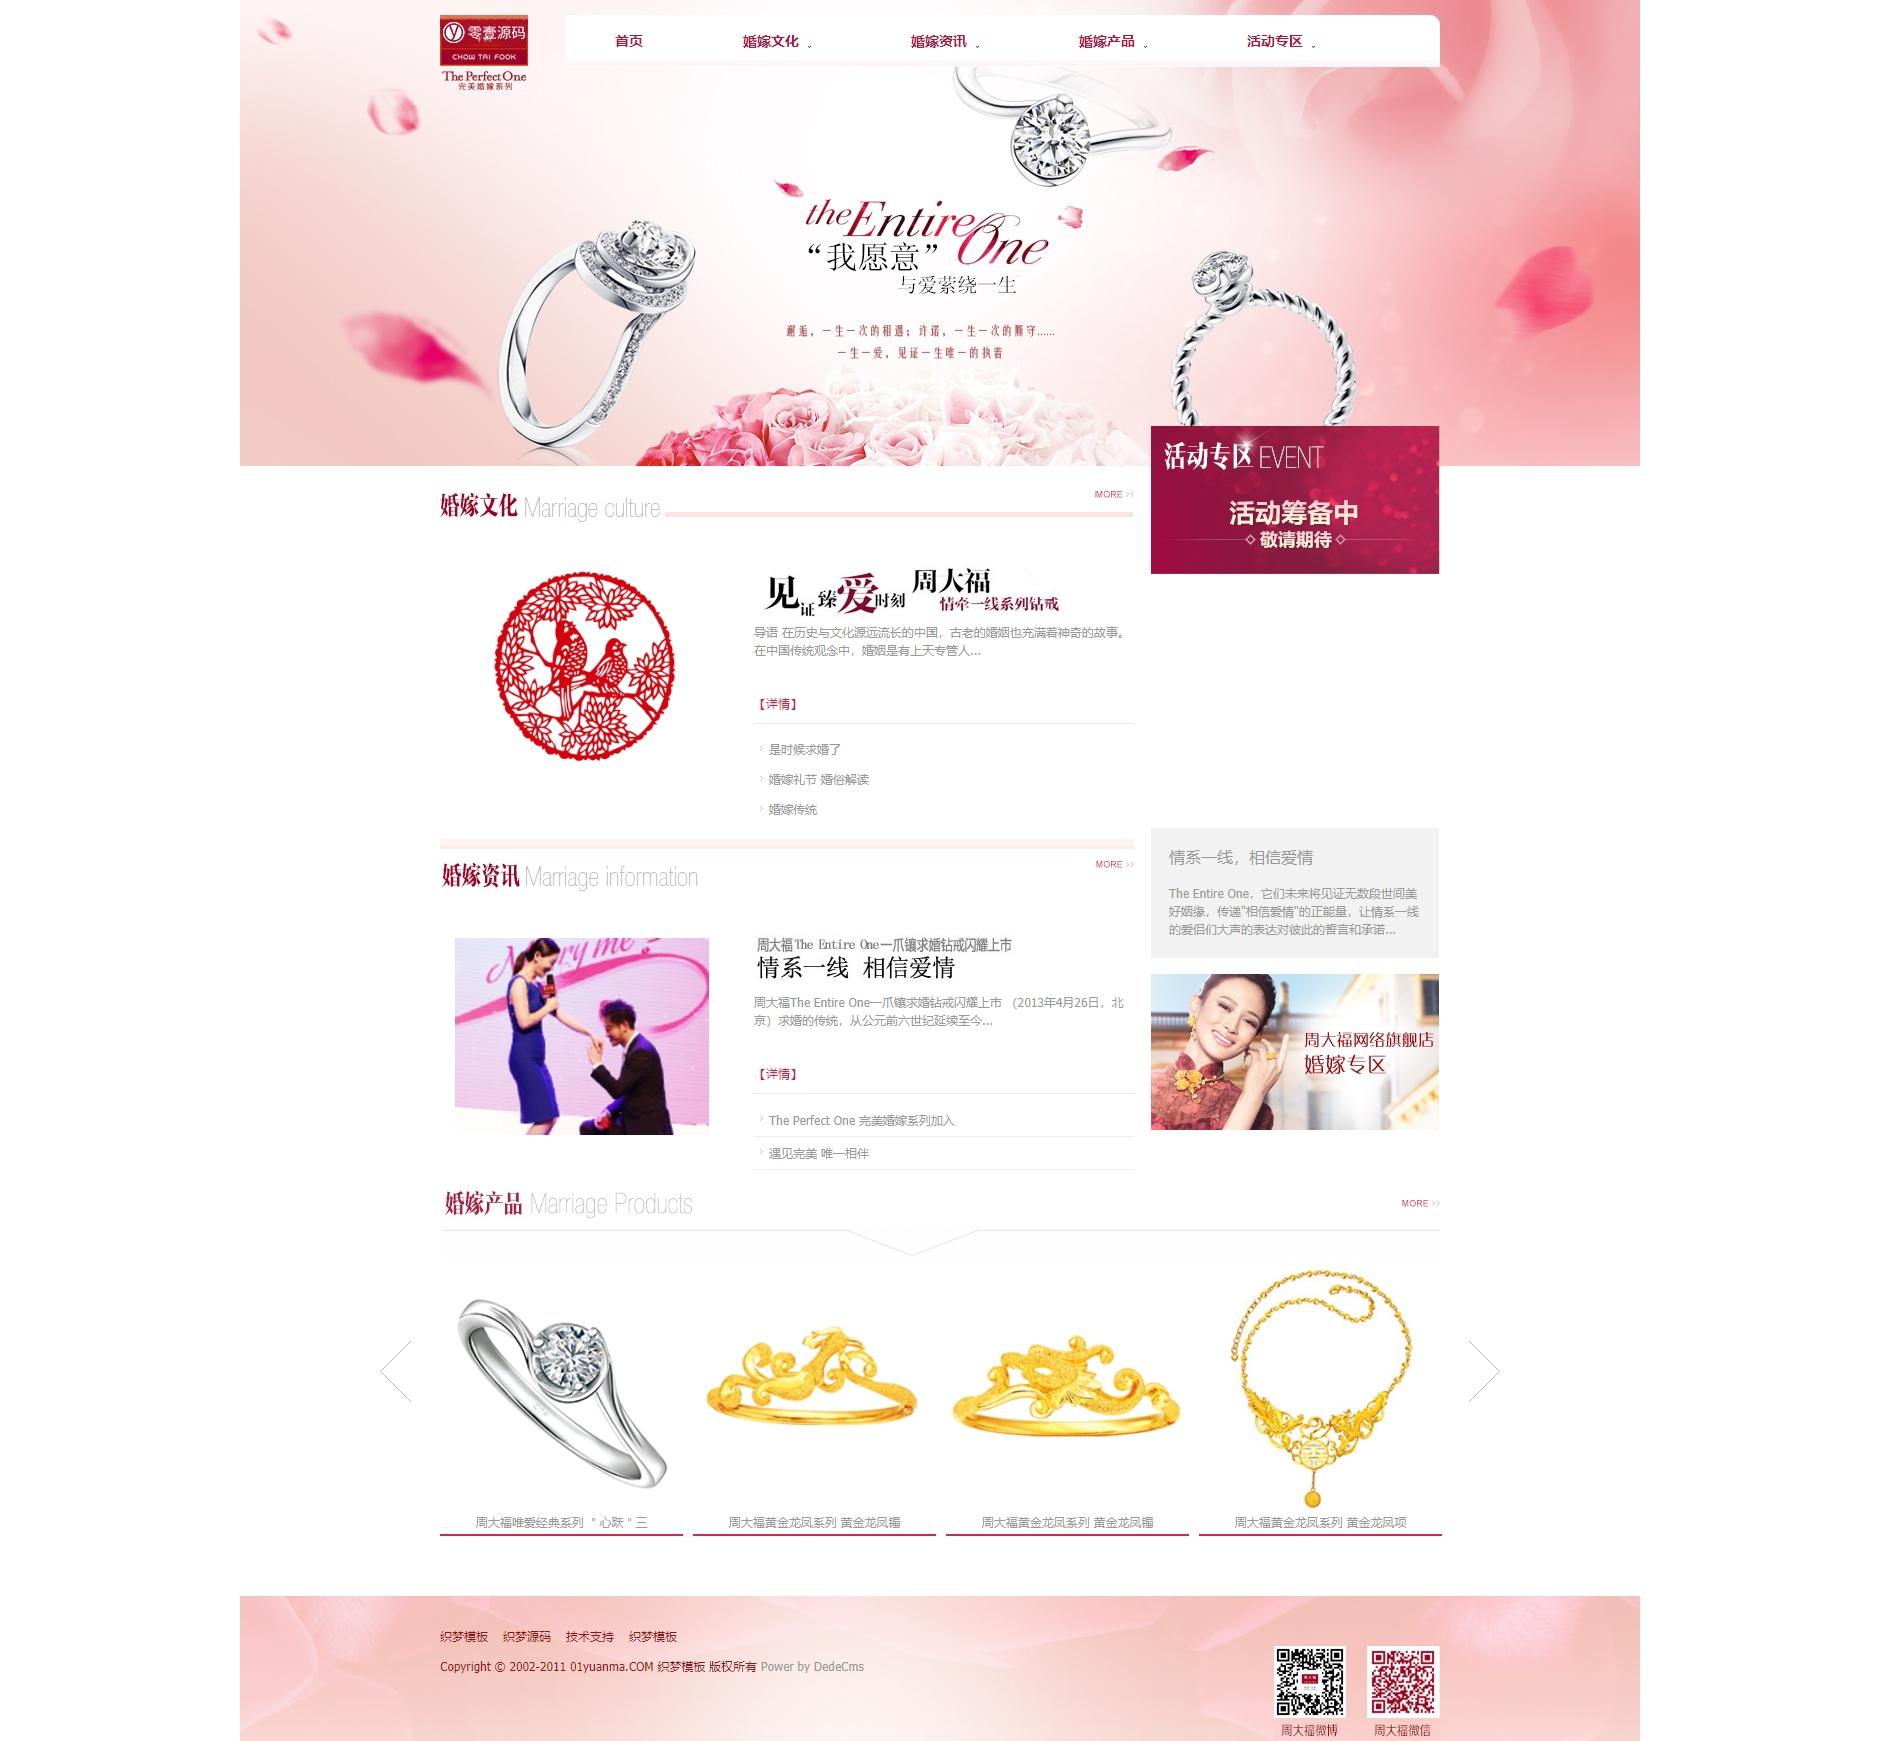 婚嫁婚纱摄影设计类网站织梦dedecms模板